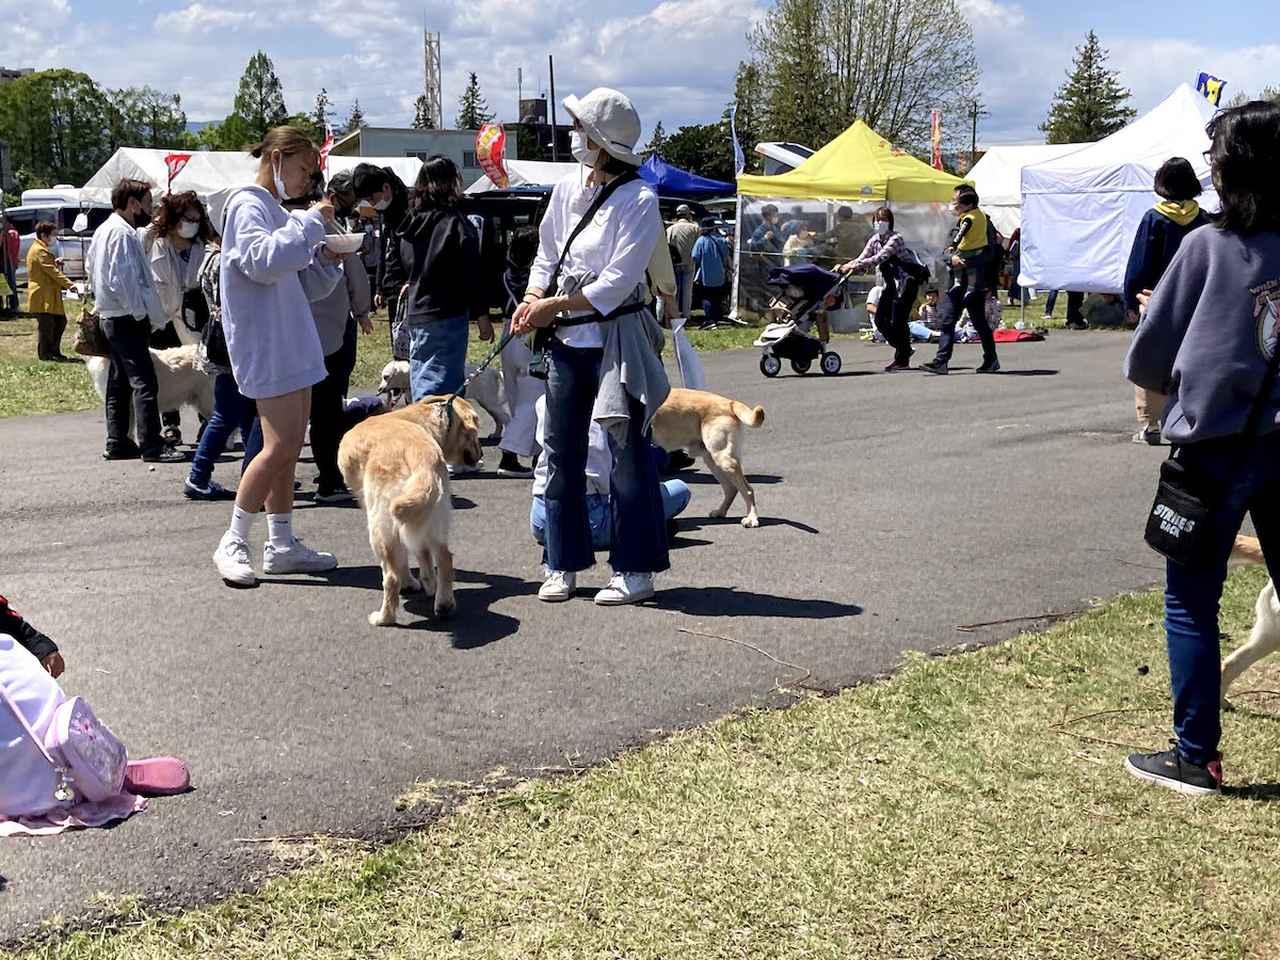 画像: ワンちゃん連れ、特に大型犬連れの方が多かった。